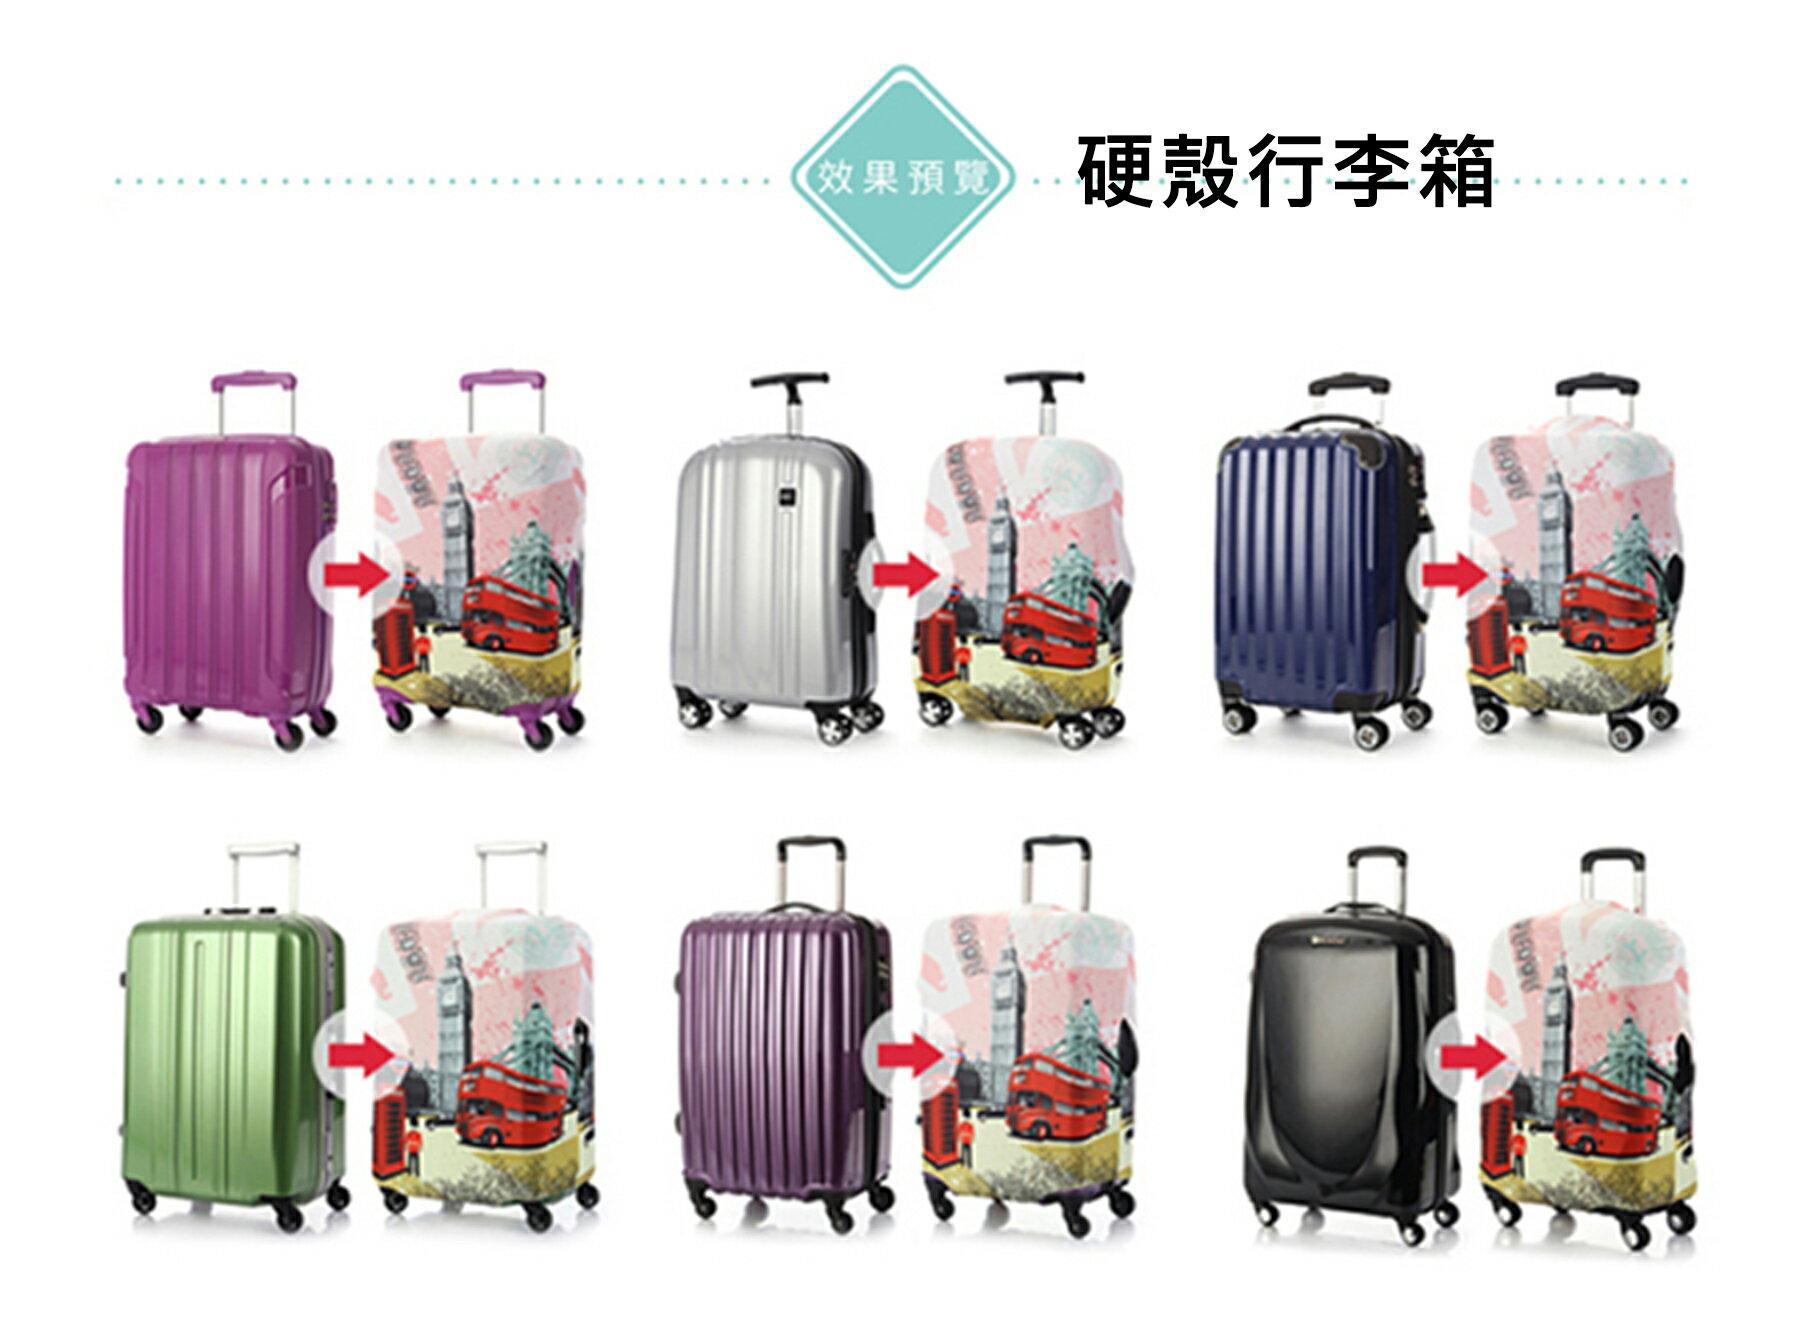 【Intermission】LCS374 海洋生態 外銷日本 彈力保護套 行李箱套 旅行箱防塵罩 防塵套 特殊圖案(M 、L號 行李箱) 8